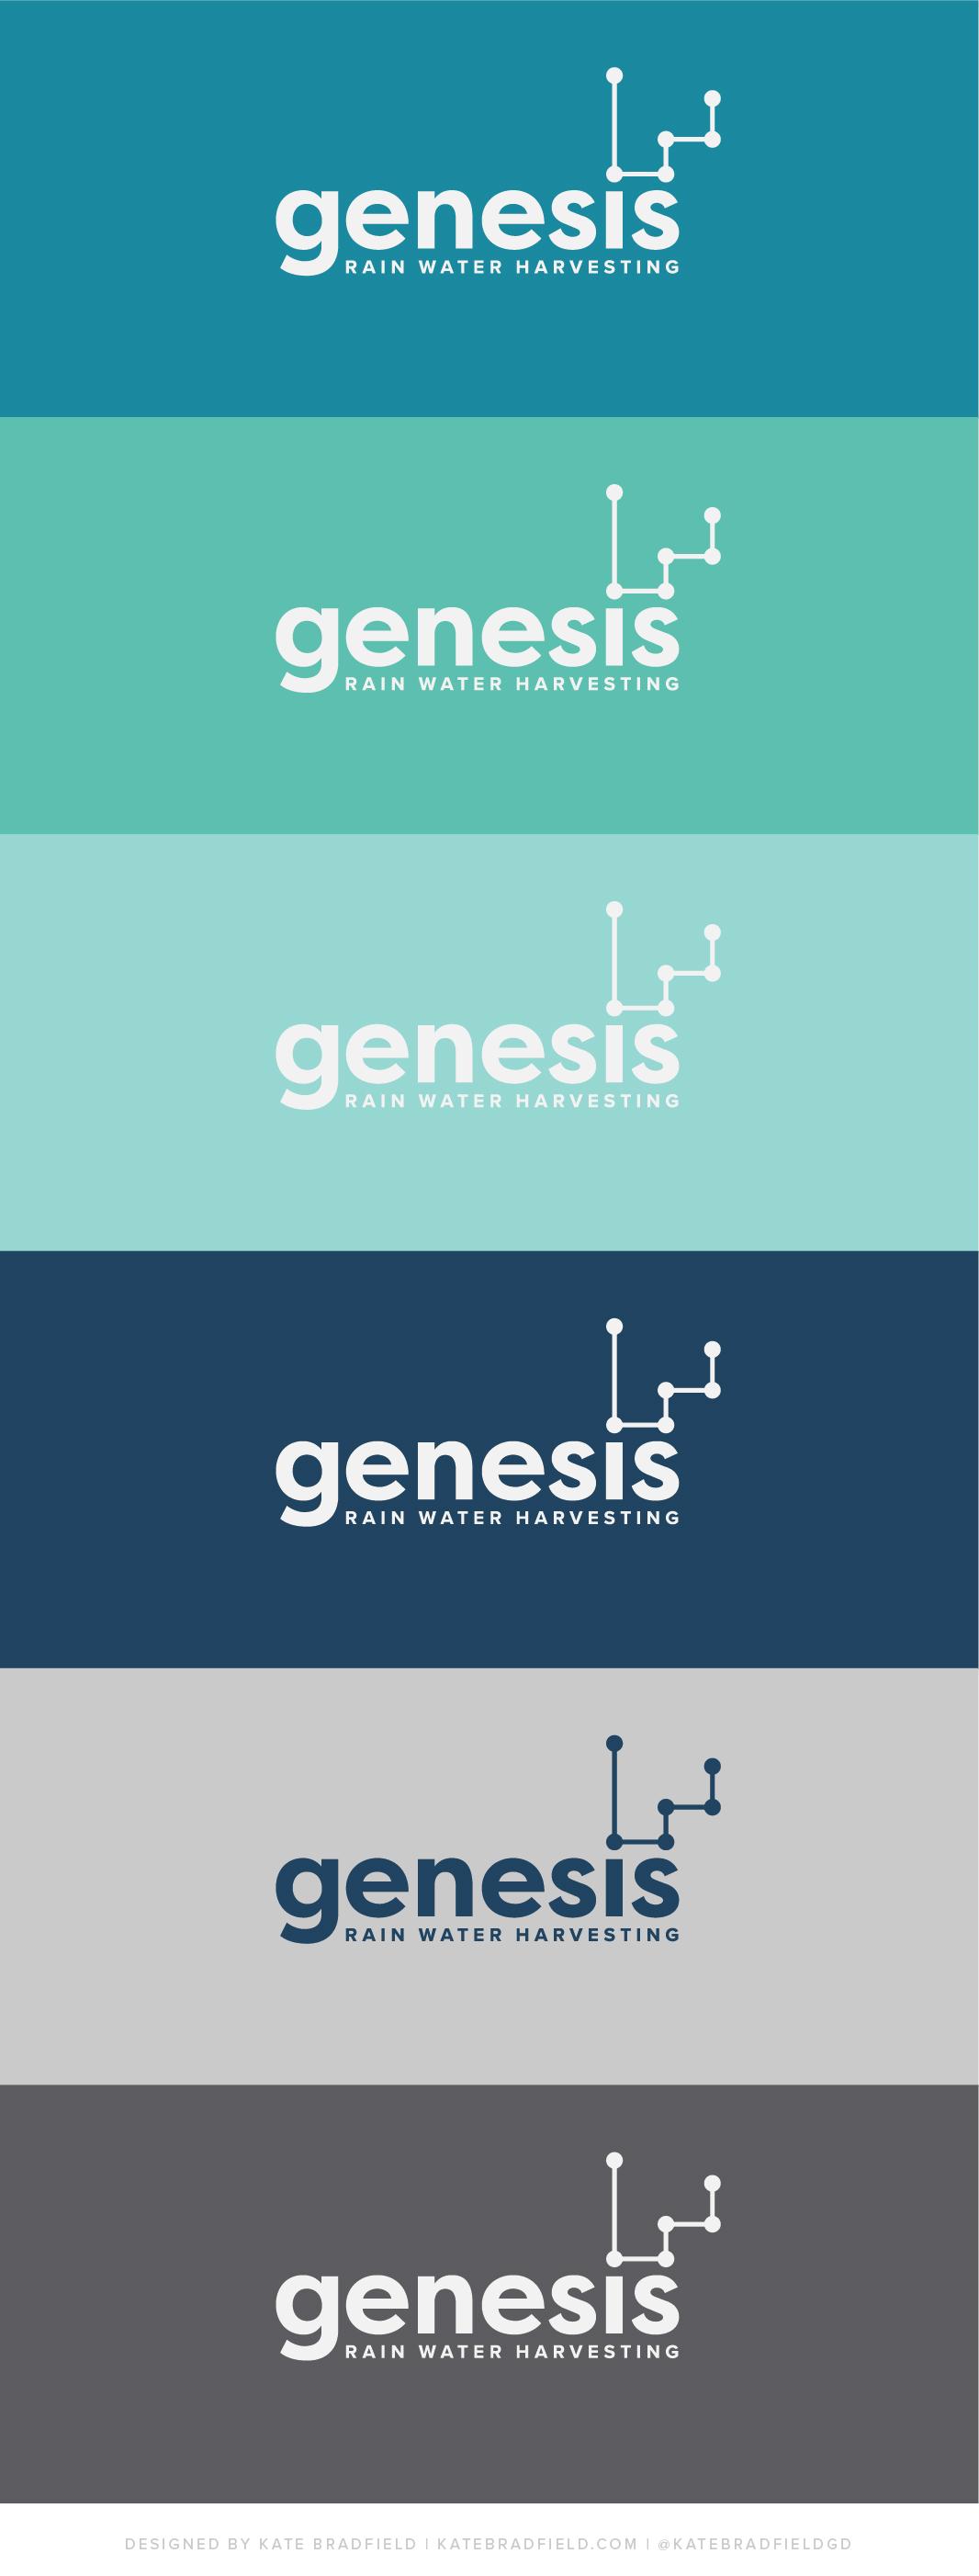 genesis_brand_guidelines-09.jpg